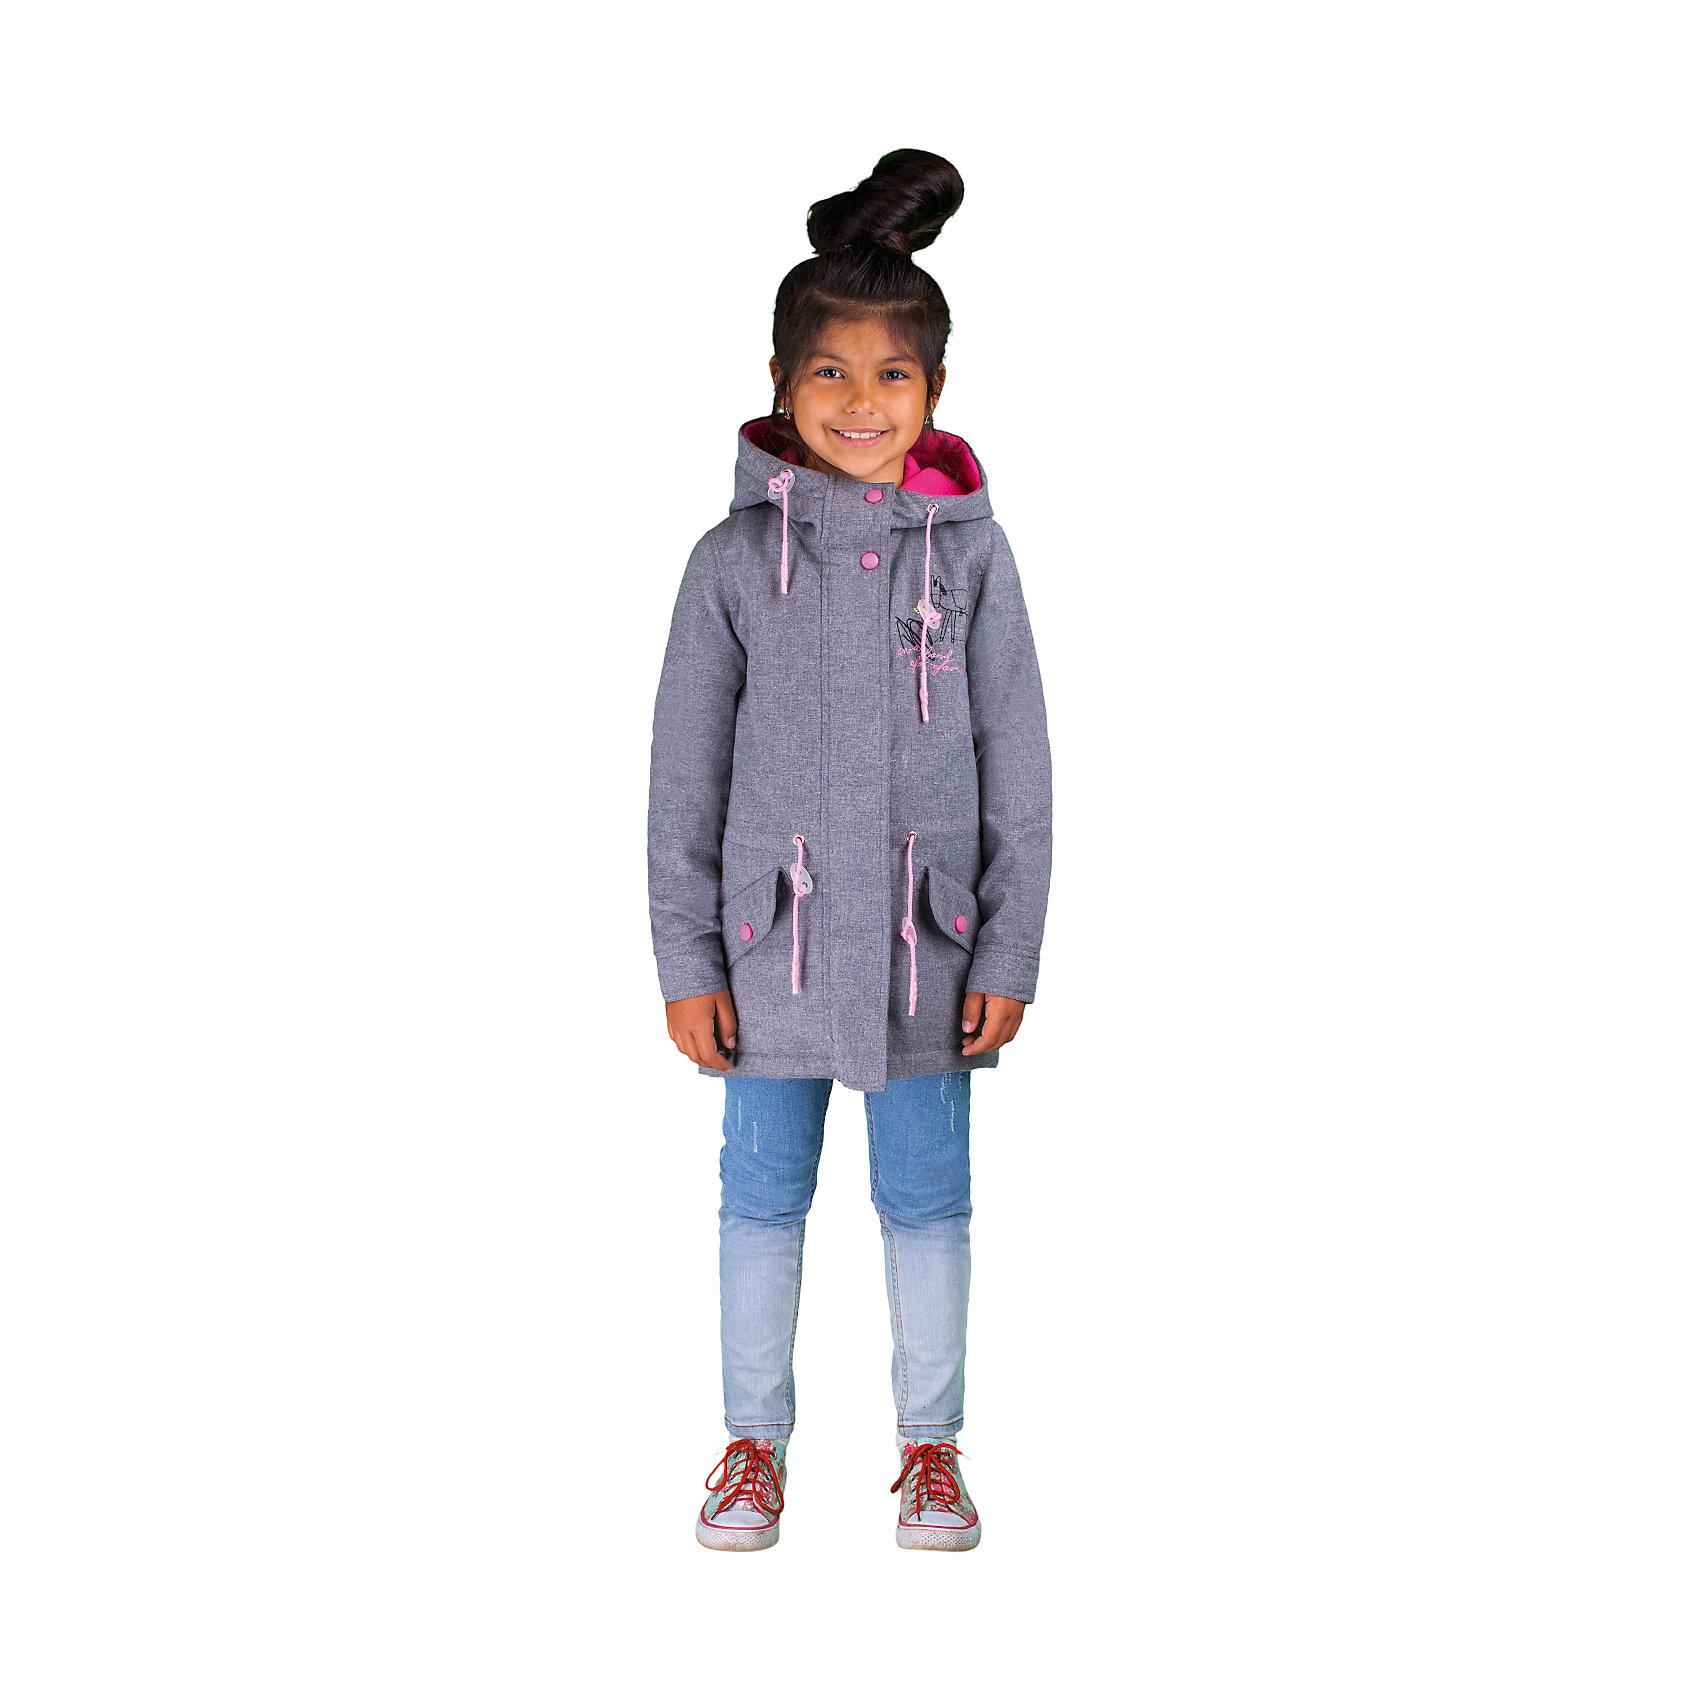 Куртка-парка для девочки BOOM by OrbyХарактеристики товара:<br><br>• цвет: серый<br>• состав: верх - таффета, подкладка - флис, ПЭ, без утеплителя<br>• температурный режим: от +7°до +15°С<br>• планка от ветра<br>• капюшон<br>• застежка - молния<br>• демисезонная<br>• карманы<br>• шнурок в поясе<br>• комфортная посадка<br>• страна производства: Российская Федерация<br>• страна бренда: Российская Федерация<br>• коллекция: весна-лето 2017<br><br>Одежда для детей должна быть особо комфортной! Такая курточка - отличный вариант для межсезонья с постоянно меняющейся погодой. Эта модель - модная и удобная одновременно! Изделие отличается стильным ярким дизайном. Куртка дополнена мягкой подкладкой.<br><br>Куртку-парку для девочки от бренда BOOM by Orby можно купить в нашем интернет-магазине.<br><br>Ширина мм: 356<br>Глубина мм: 10<br>Высота мм: 245<br>Вес г: 519<br>Цвет: серый<br>Возраст от месяцев: 24<br>Возраст до месяцев: 36<br>Пол: Женский<br>Возраст: Детский<br>Размер: 134,140,146,152,158,104,110,98,116,122,128<br>SKU: 5342989